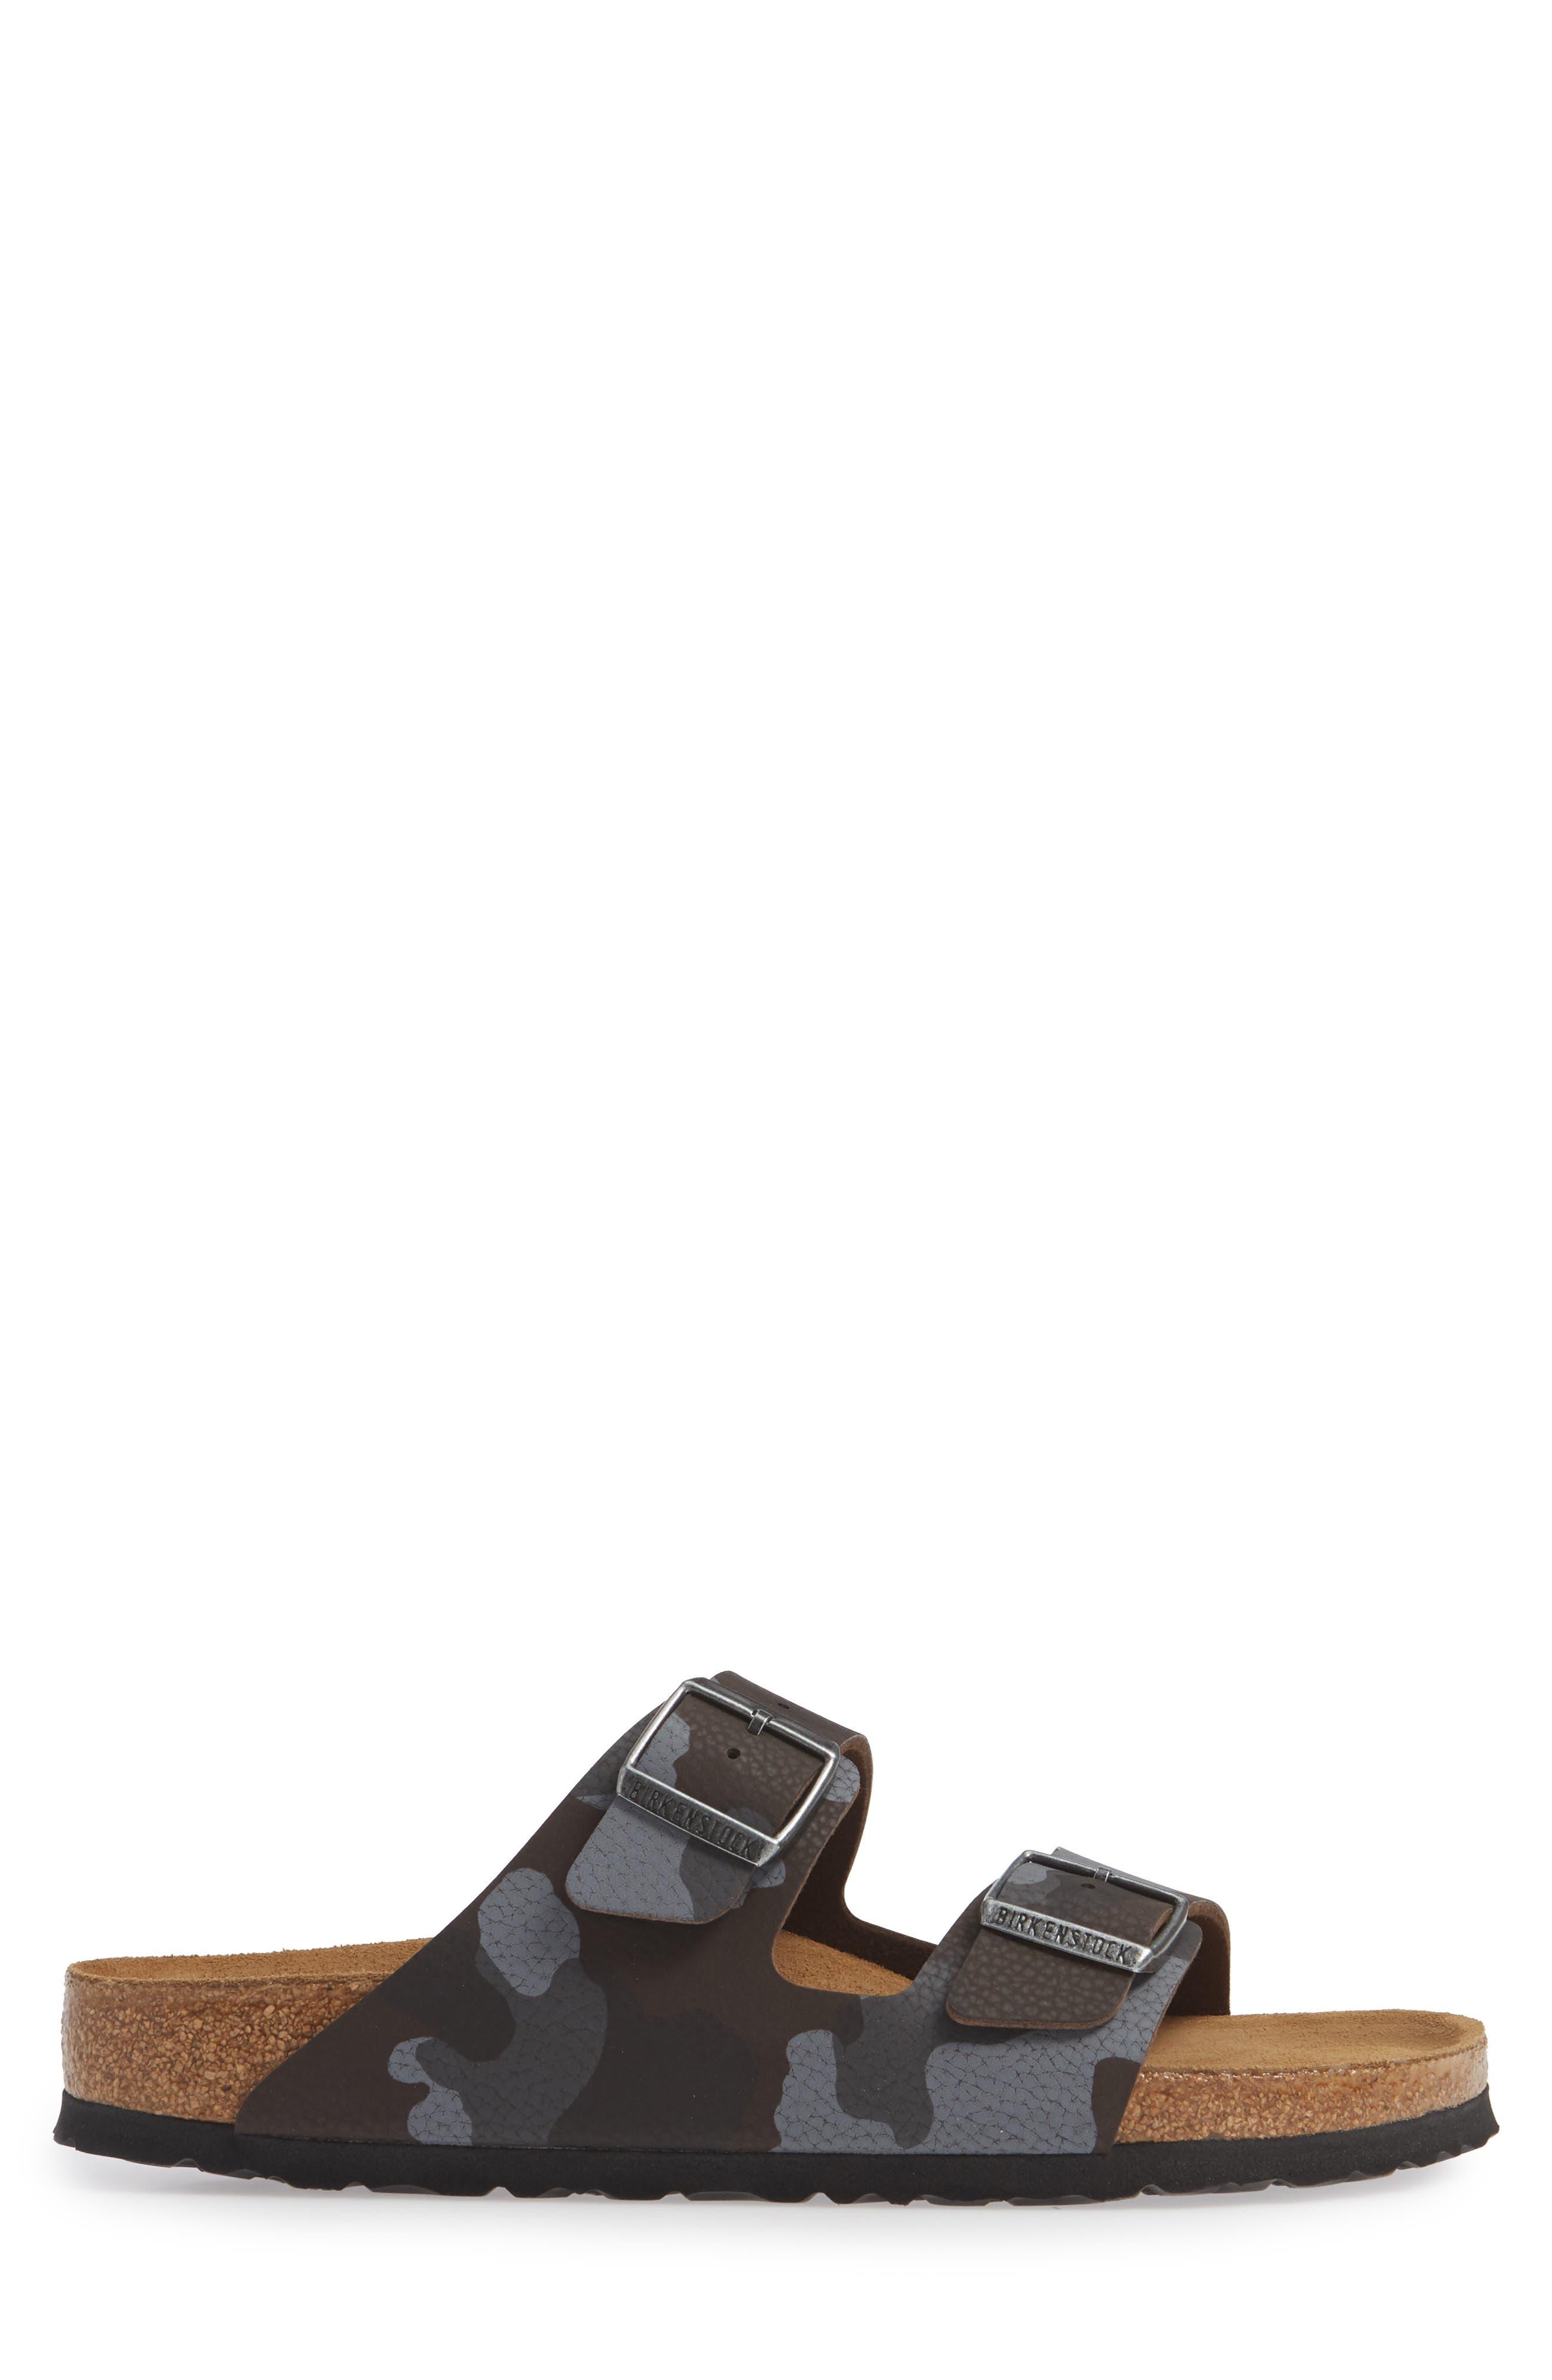 Arizona Soft Slide Sandal,                             Alternate thumbnail 3, color,                             DESERT SOIL CAMO BROWN